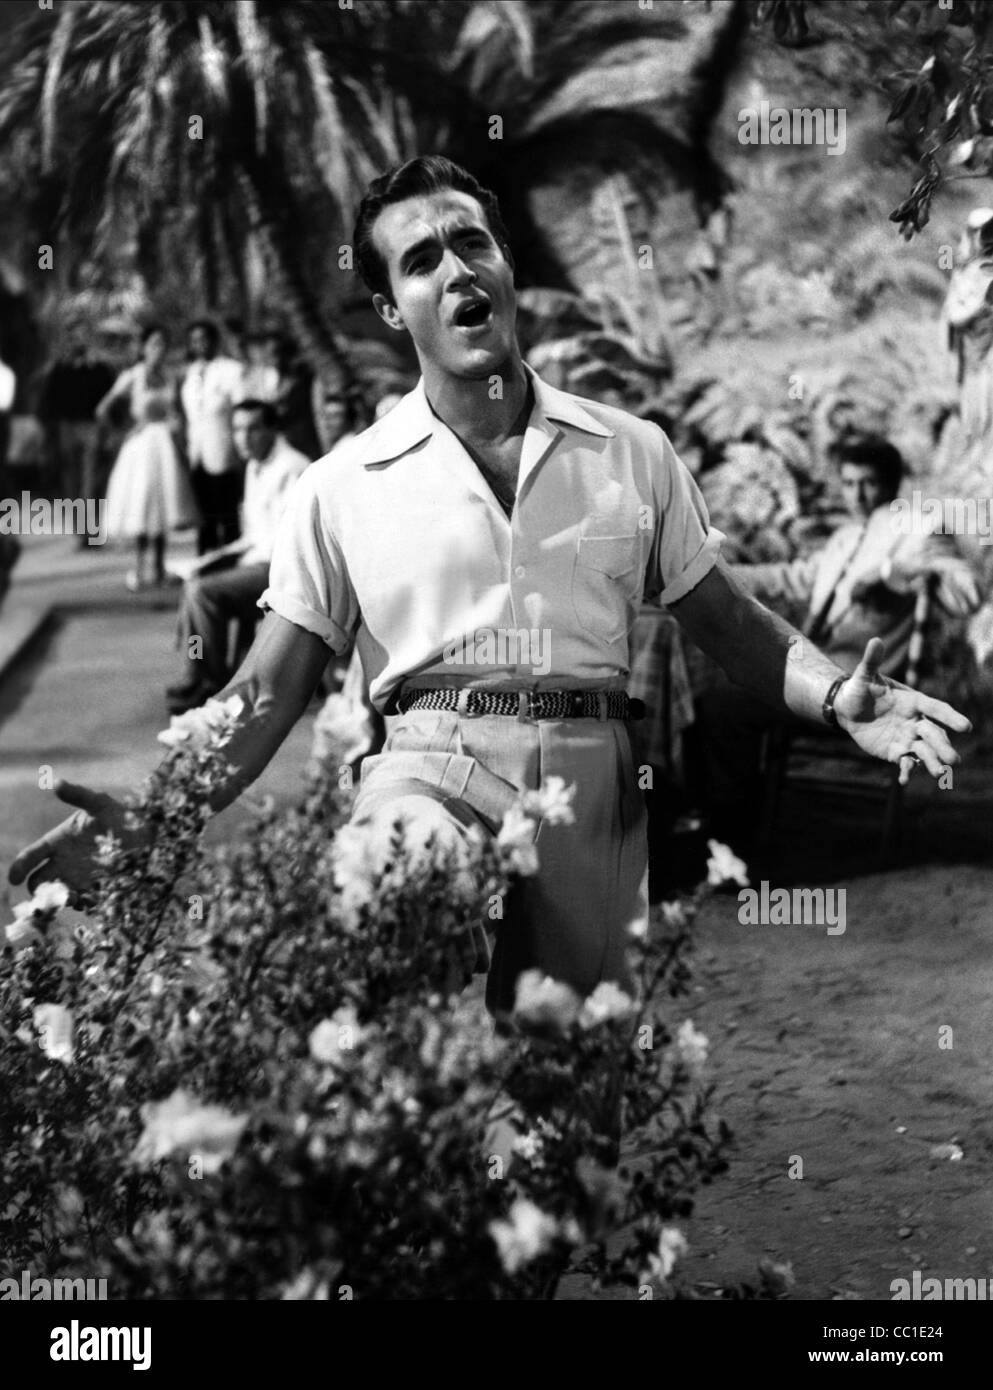 RICARDO MONTALBAN L'Amoureux (1953) Photo Stock